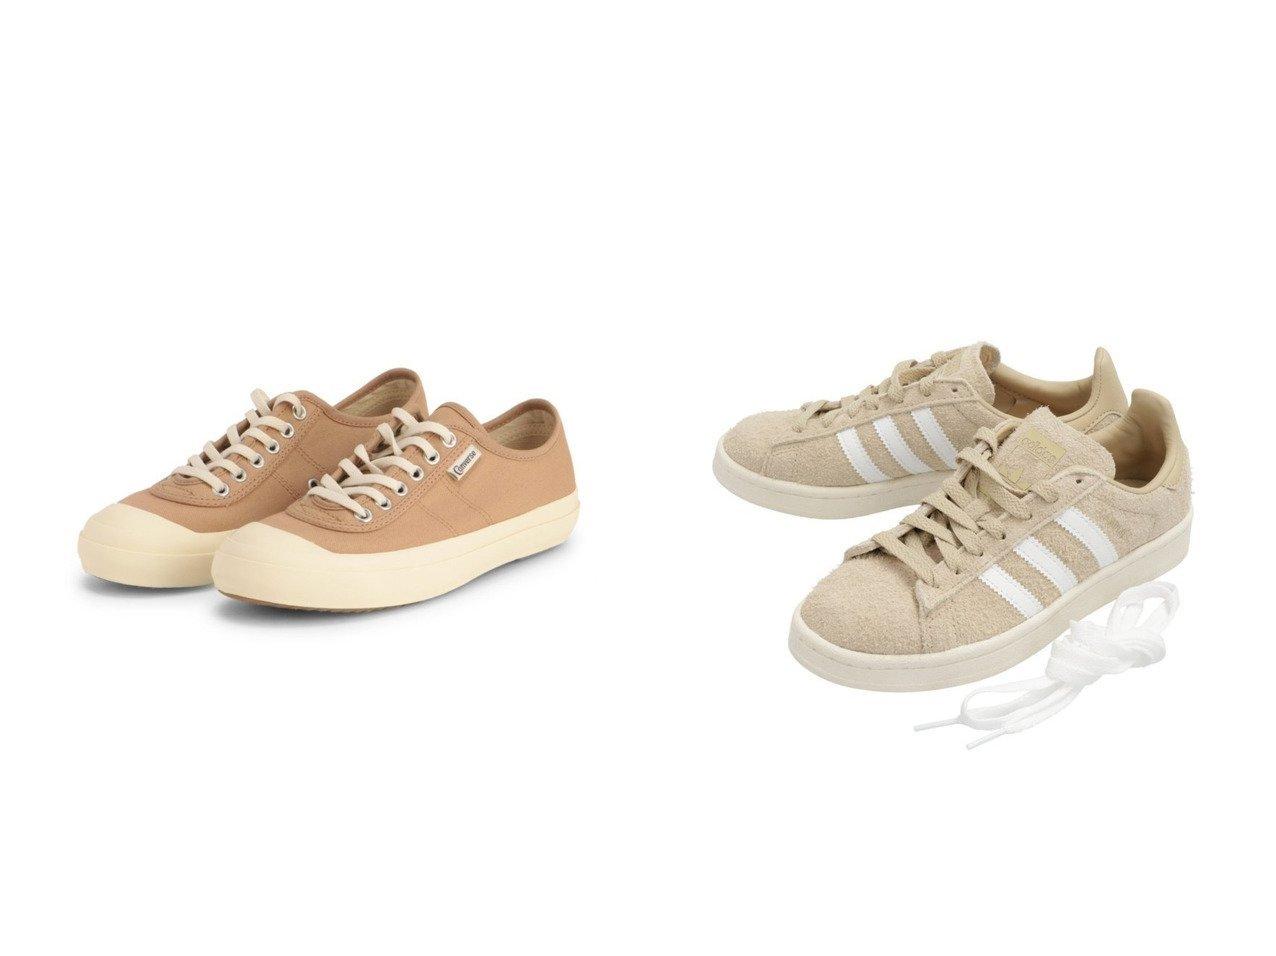 【adidas Originals/アディダス オリジナルス】の【BEAMS】キャンパス [Campus]&【CONVERSE/コンバース】の《converse》BIG C TS OX シューズ・靴のおすすめ!人気トレンド・レディースファッションの通販 おすすめで人気の流行・トレンド、ファッションの通販商品 メンズファッション・キッズファッション・インテリア・家具・レディースファッション・服の通販 founy(ファニー) https://founy.com/ ファッション Fashion レディースファッション WOMEN シューズ スエード ストライプ スニーカー スポーツ スリッポン キャンバス クラシカル レース 人気 A/W 秋冬 Autumn &  Winter |ID:crp329100000008552